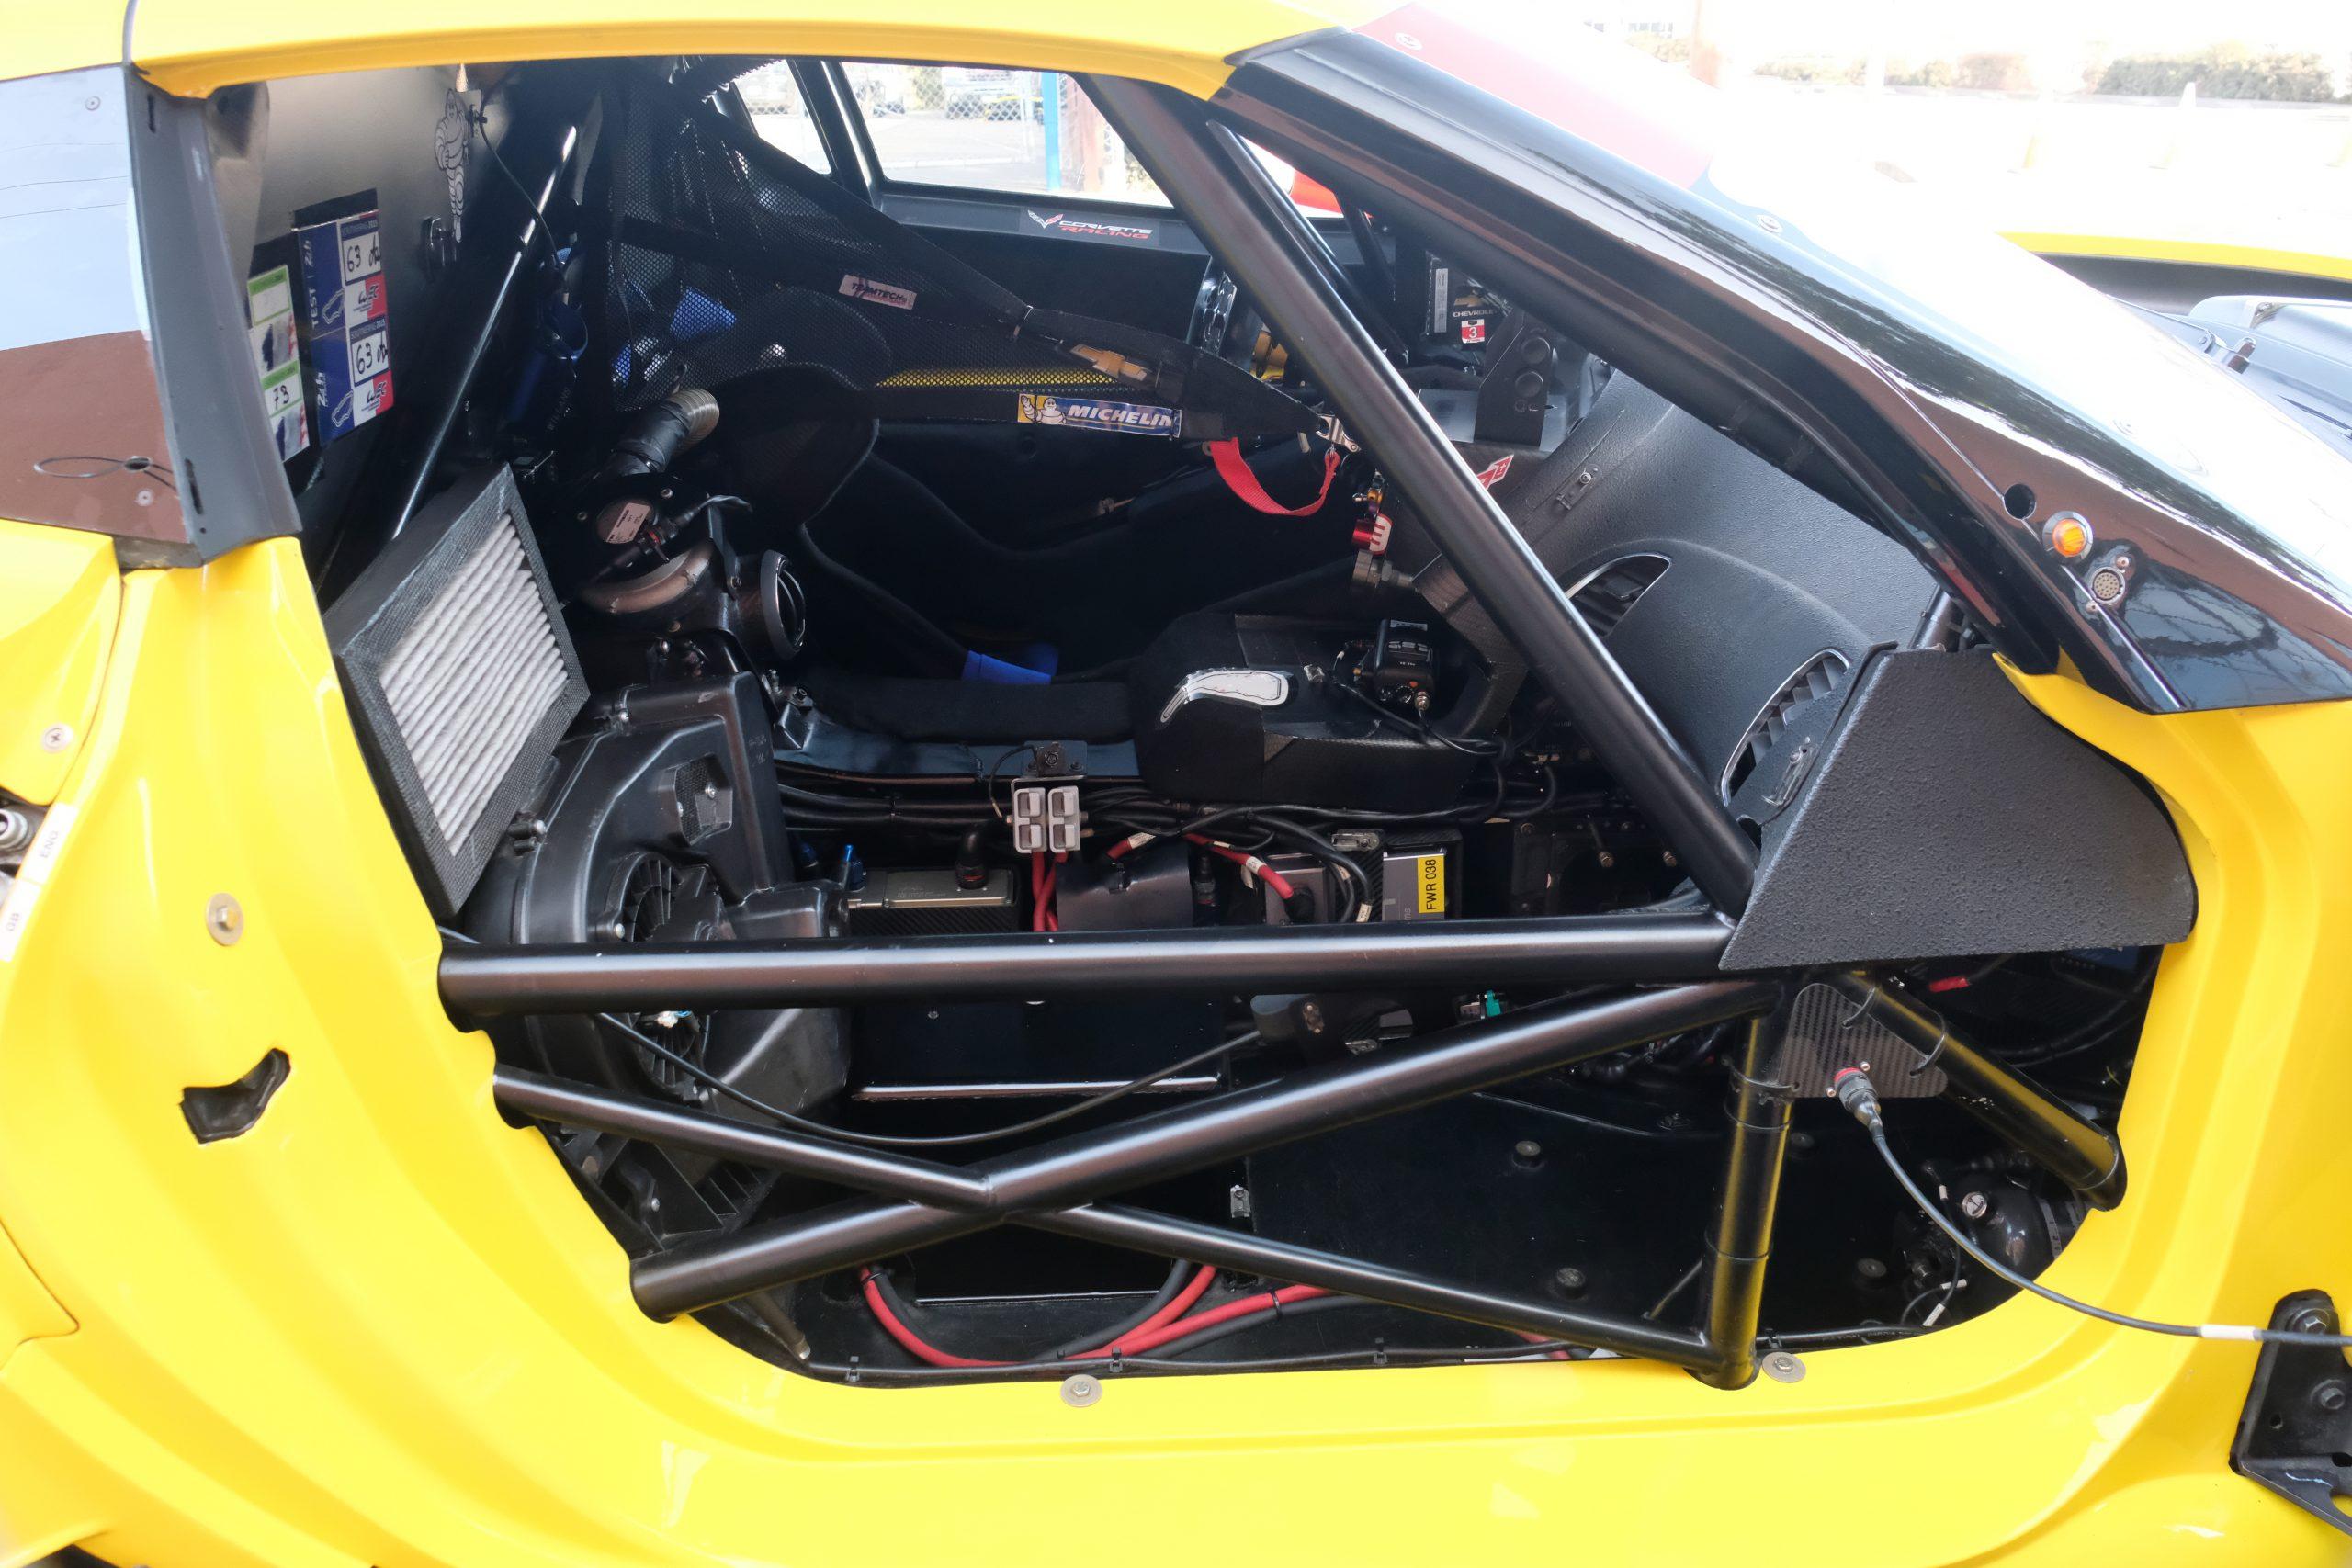 2015 corvette c7.r roll cage